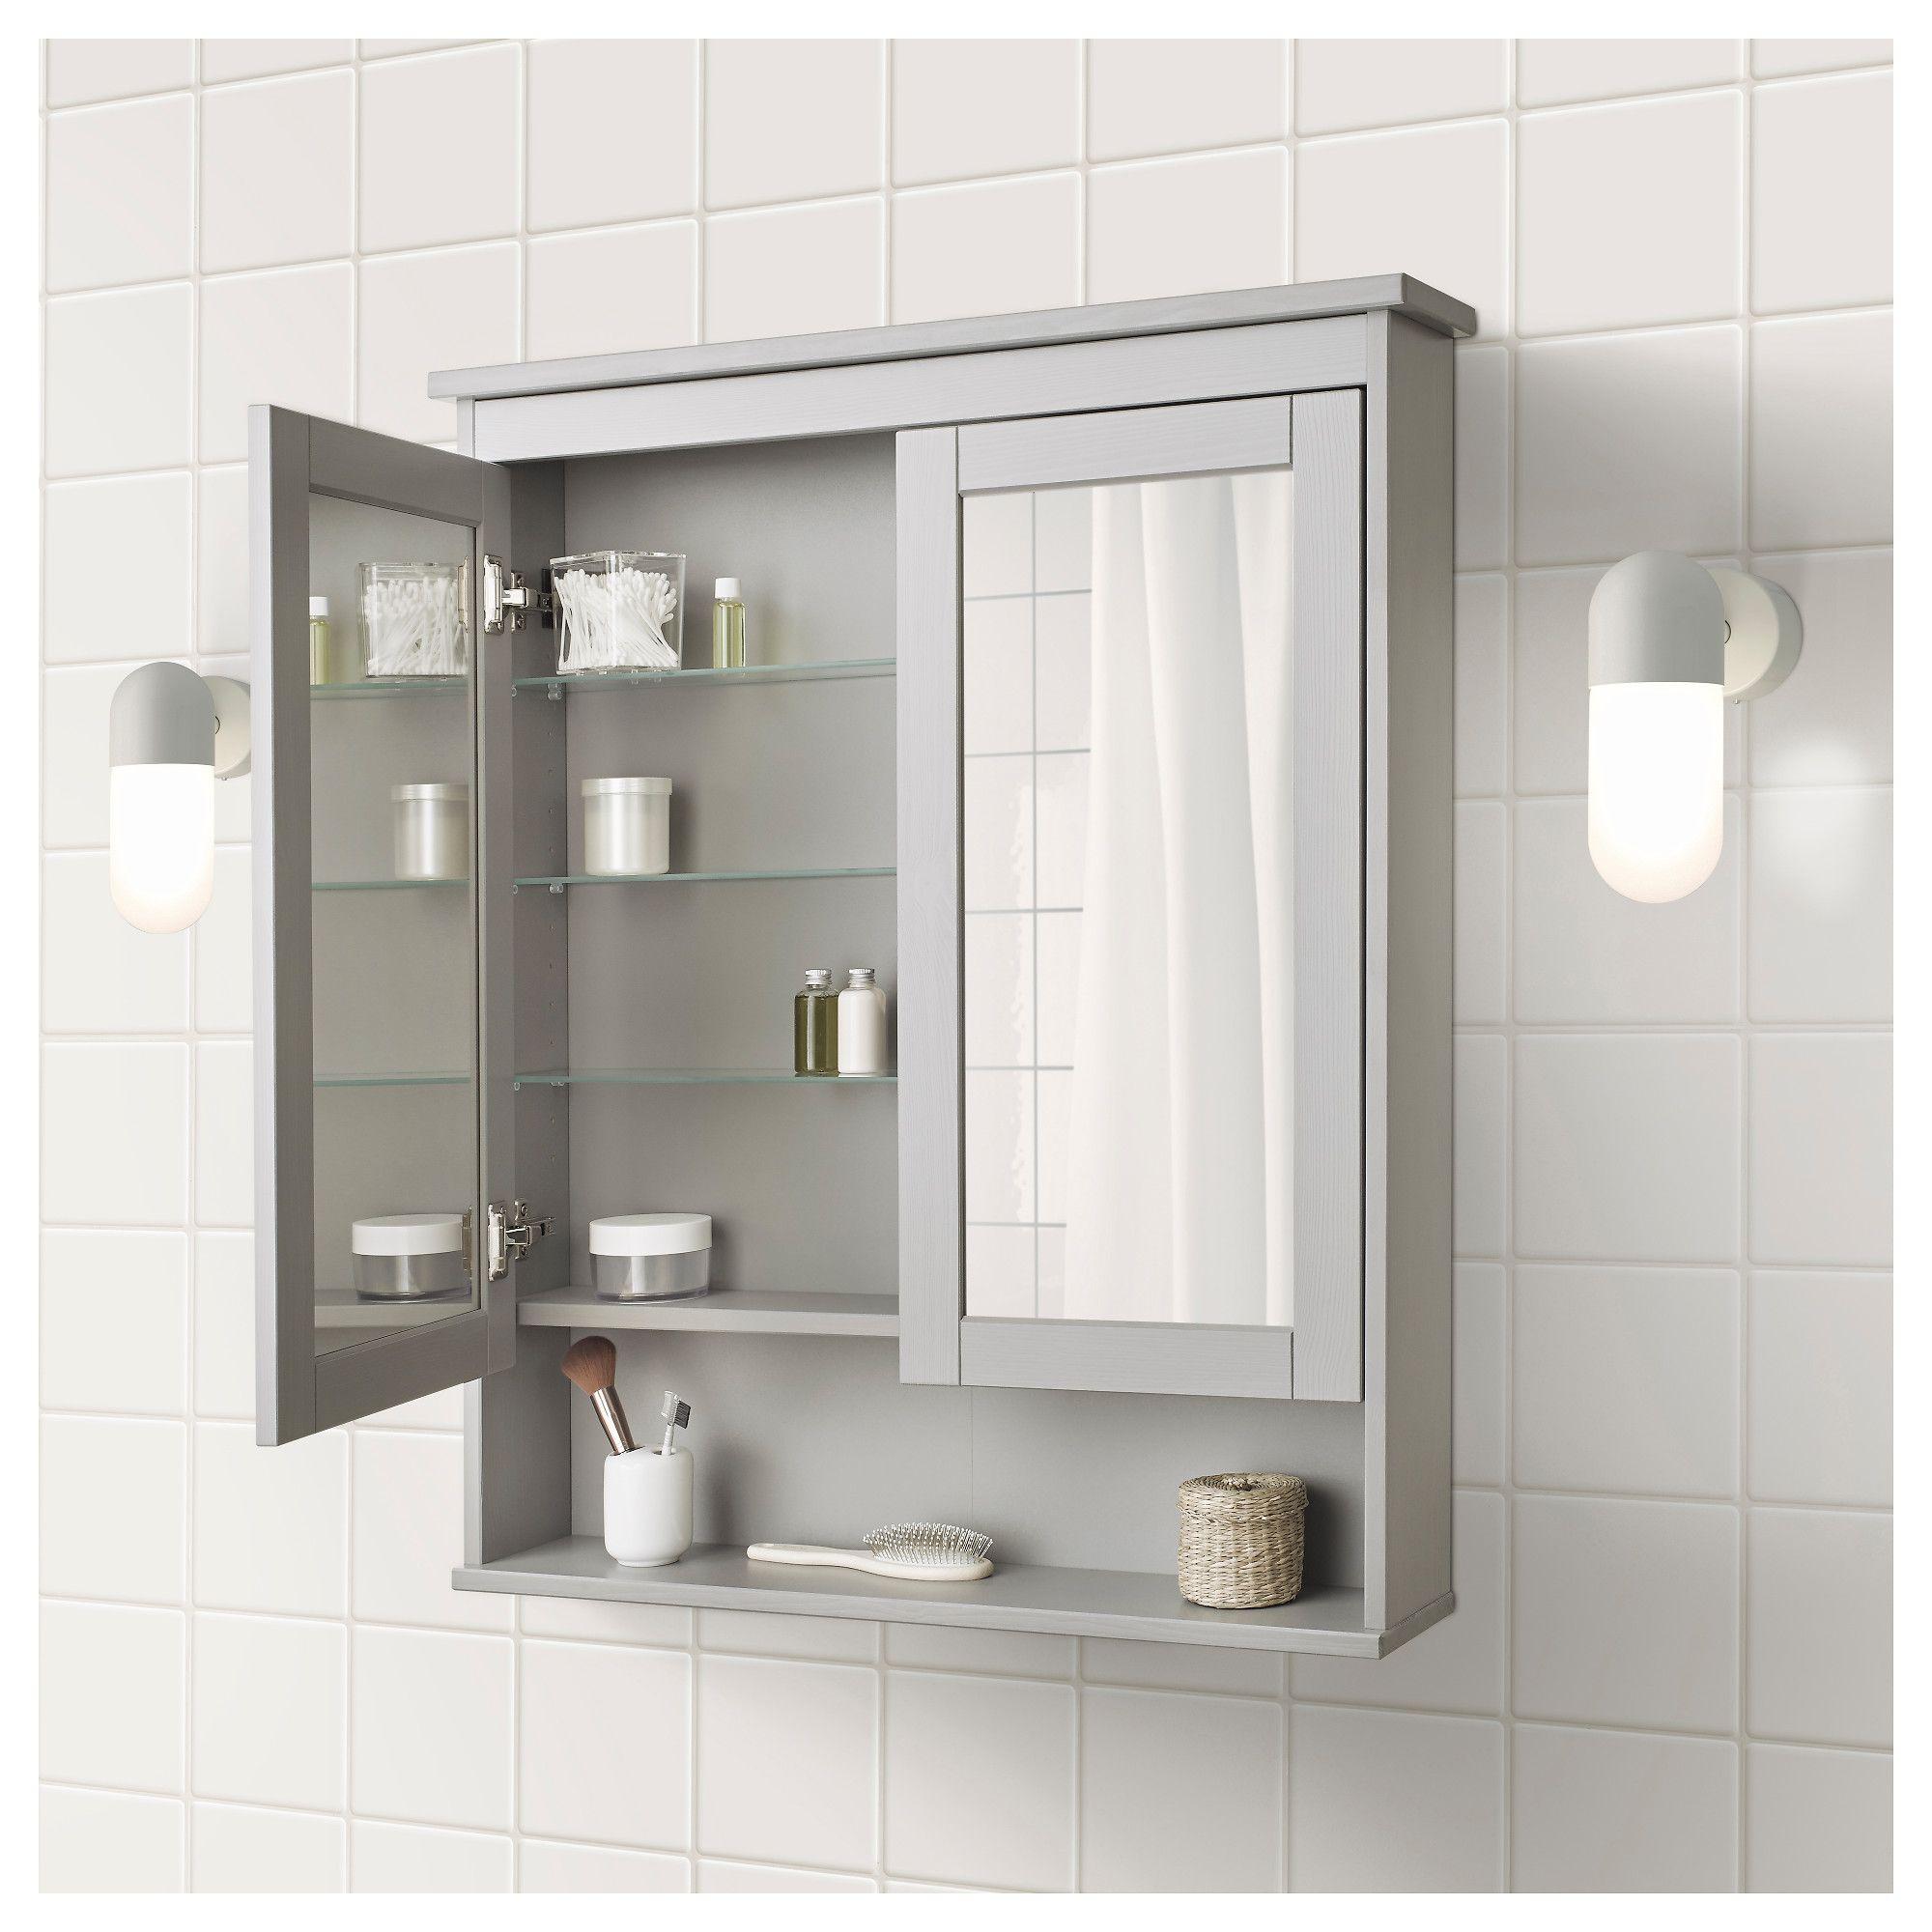 Hemnes Mirror Cabinet With 2 Doors Gray Shop Ikea Ca Ikea Mirror Cabinets Ikea Hemnes Mirror Trendy Bathroom